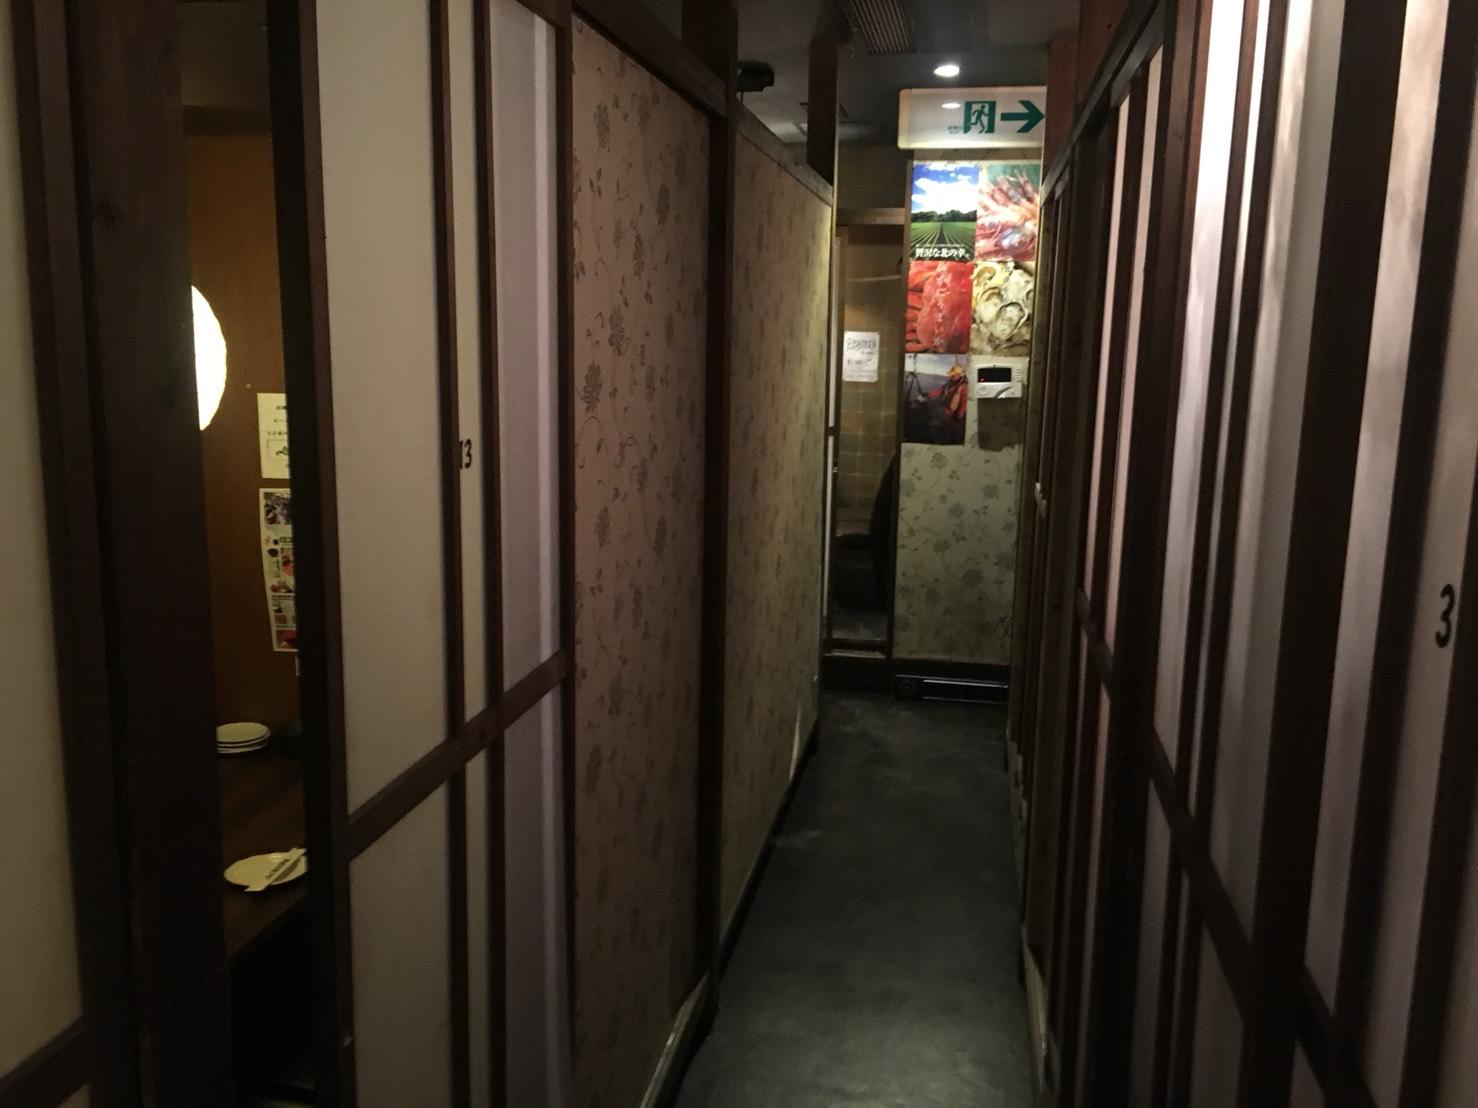 【池袋駅】いくらこぼれ丼を求めて「北海道知床漁場」の店内